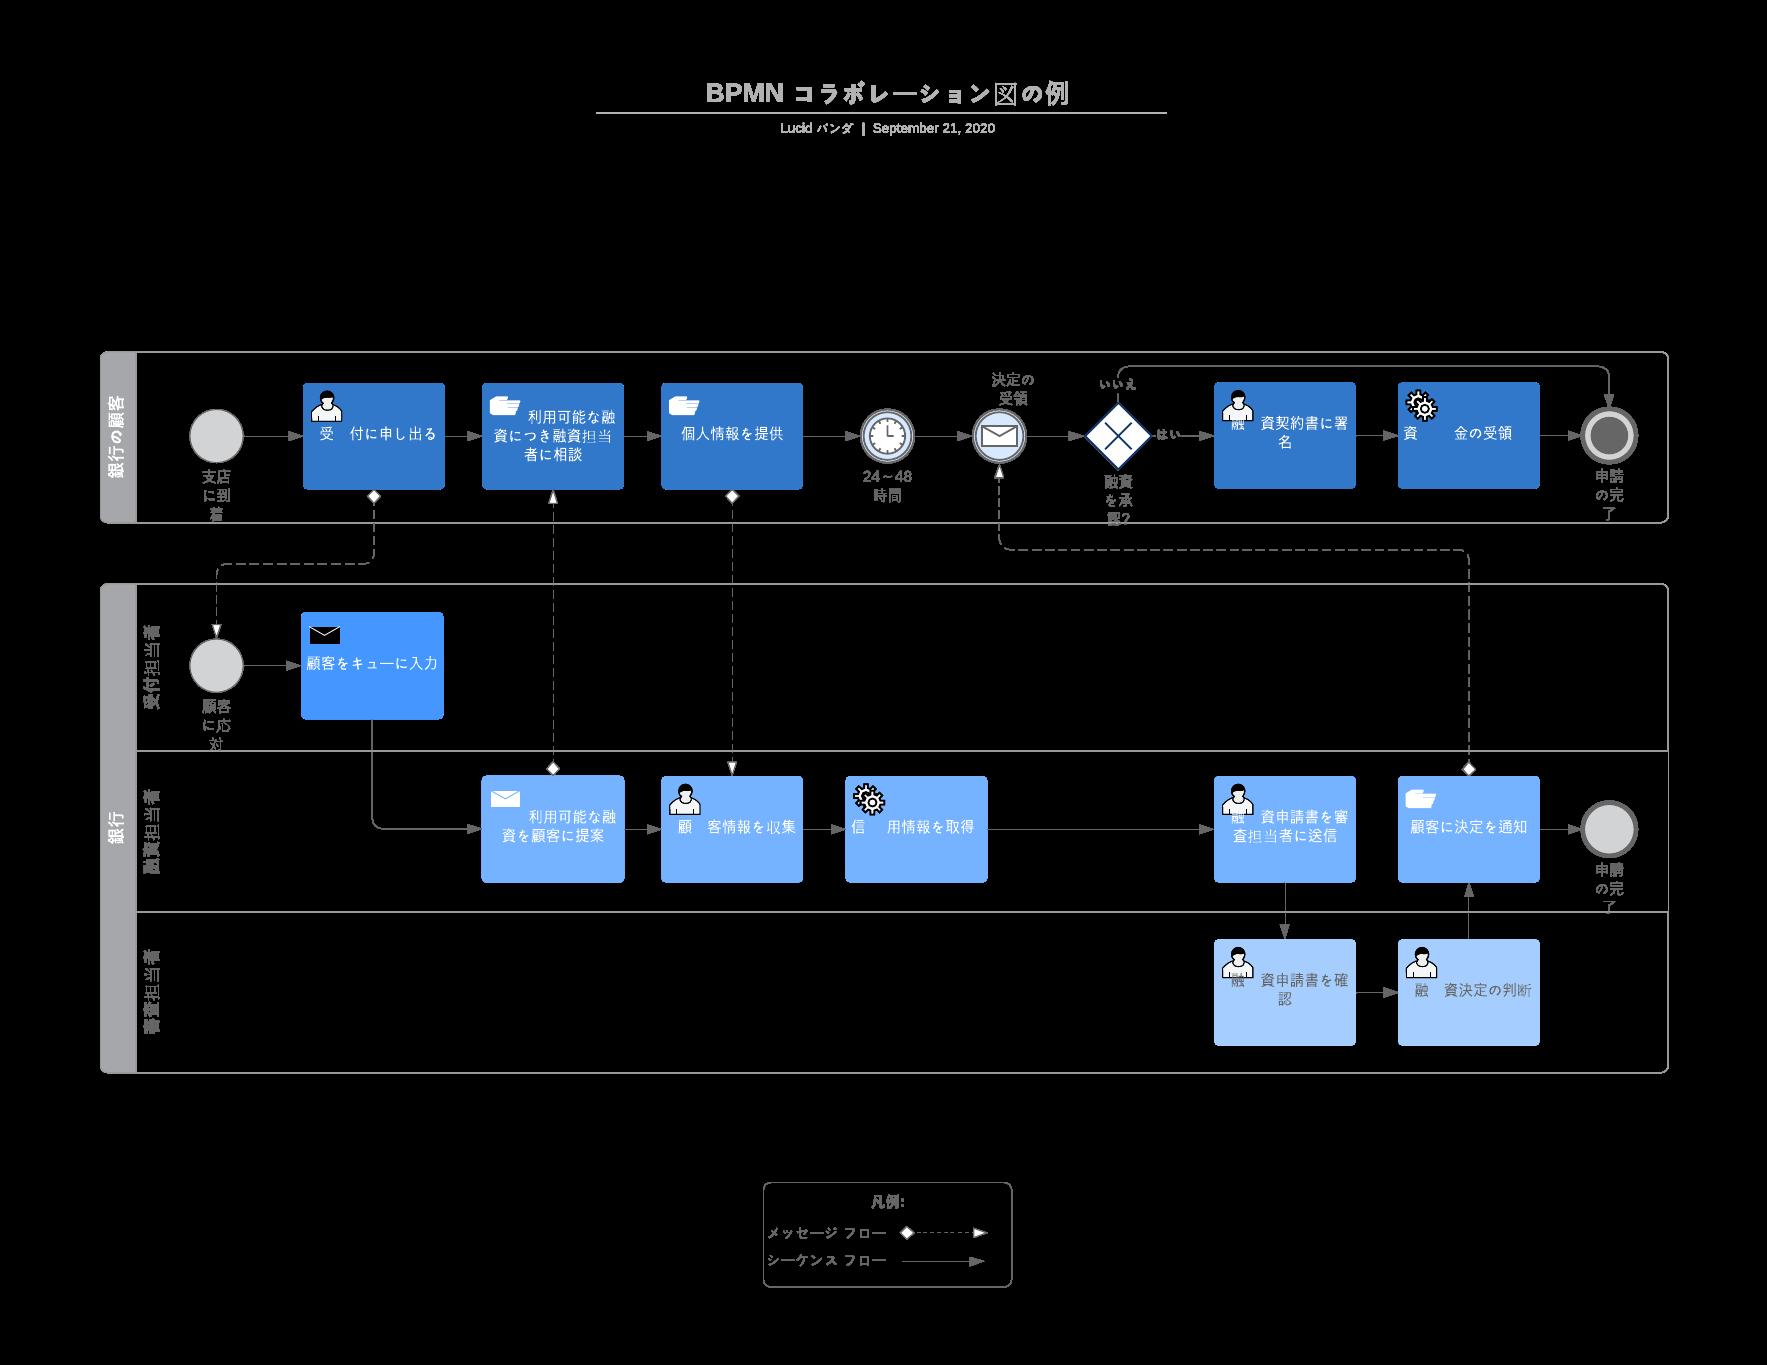 業務フローコラボレーションテンプレート